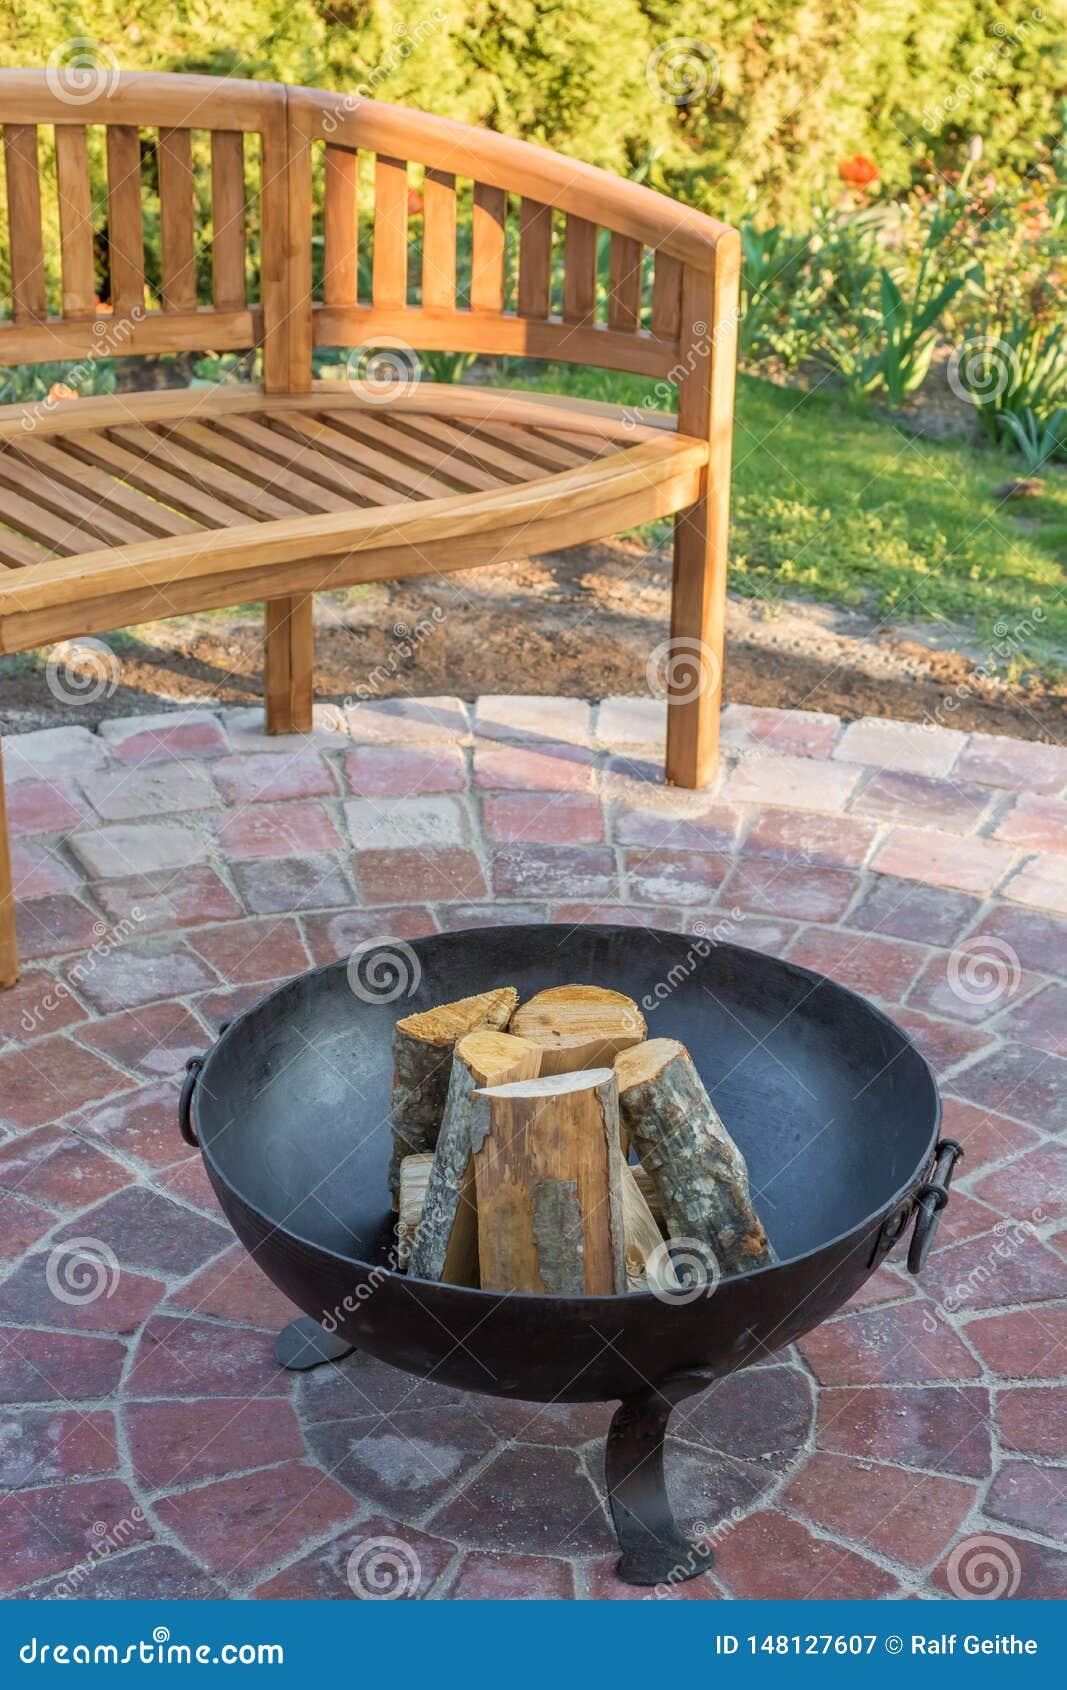 Brandkom in de tuin als comfortabele plaats van rust met houten bank op de achtergrond